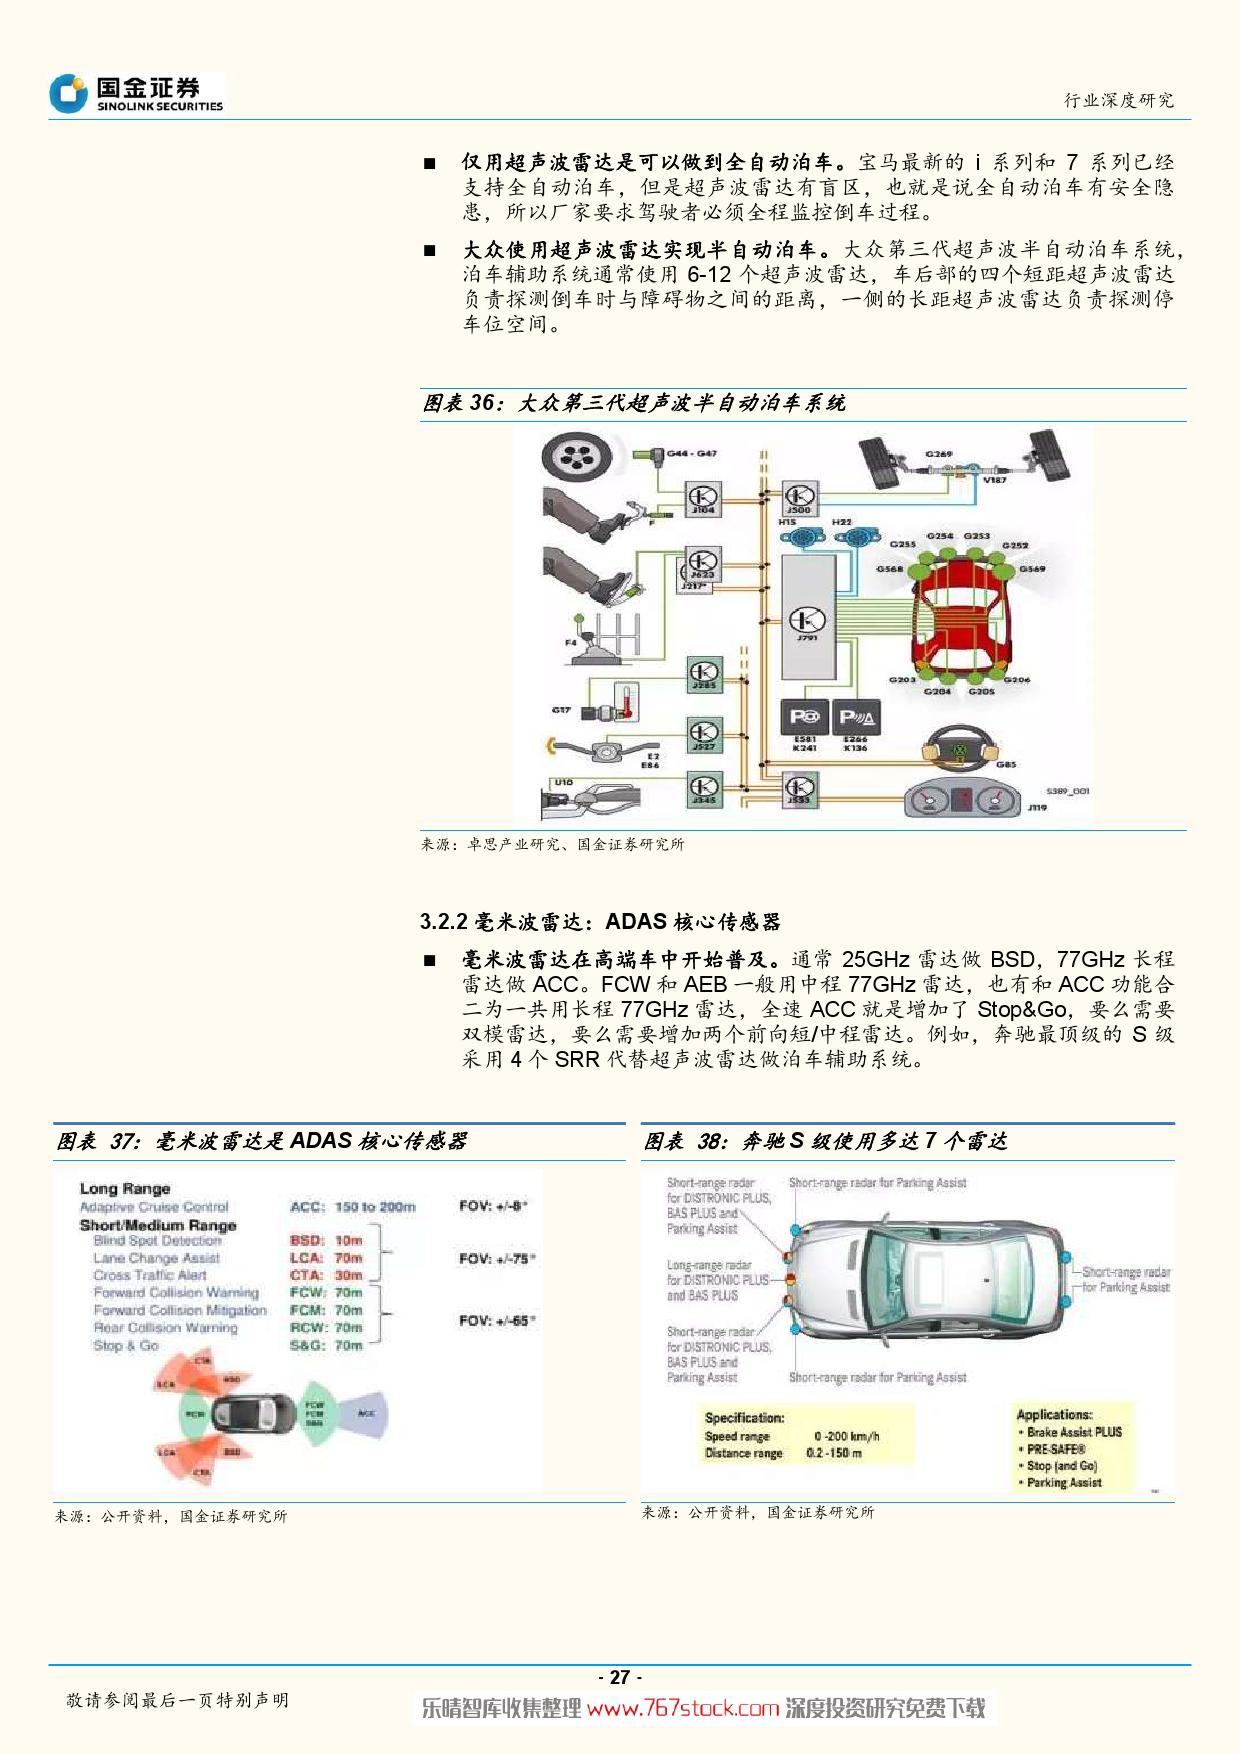 特斯拉产业系列深度报告-智能驾驶爆发在即_000027